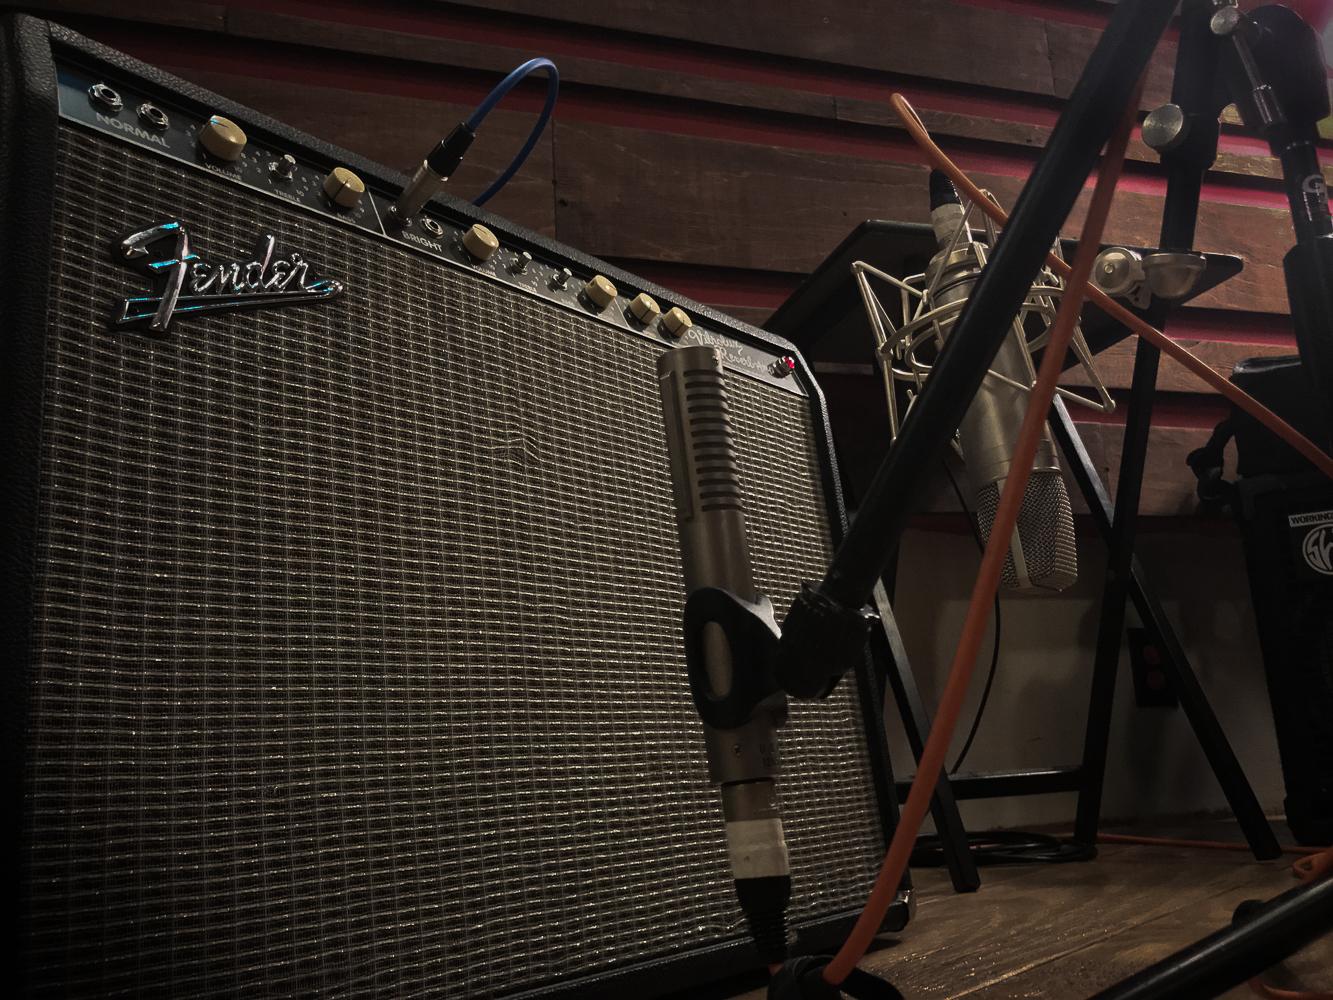 Kiwi Audio image